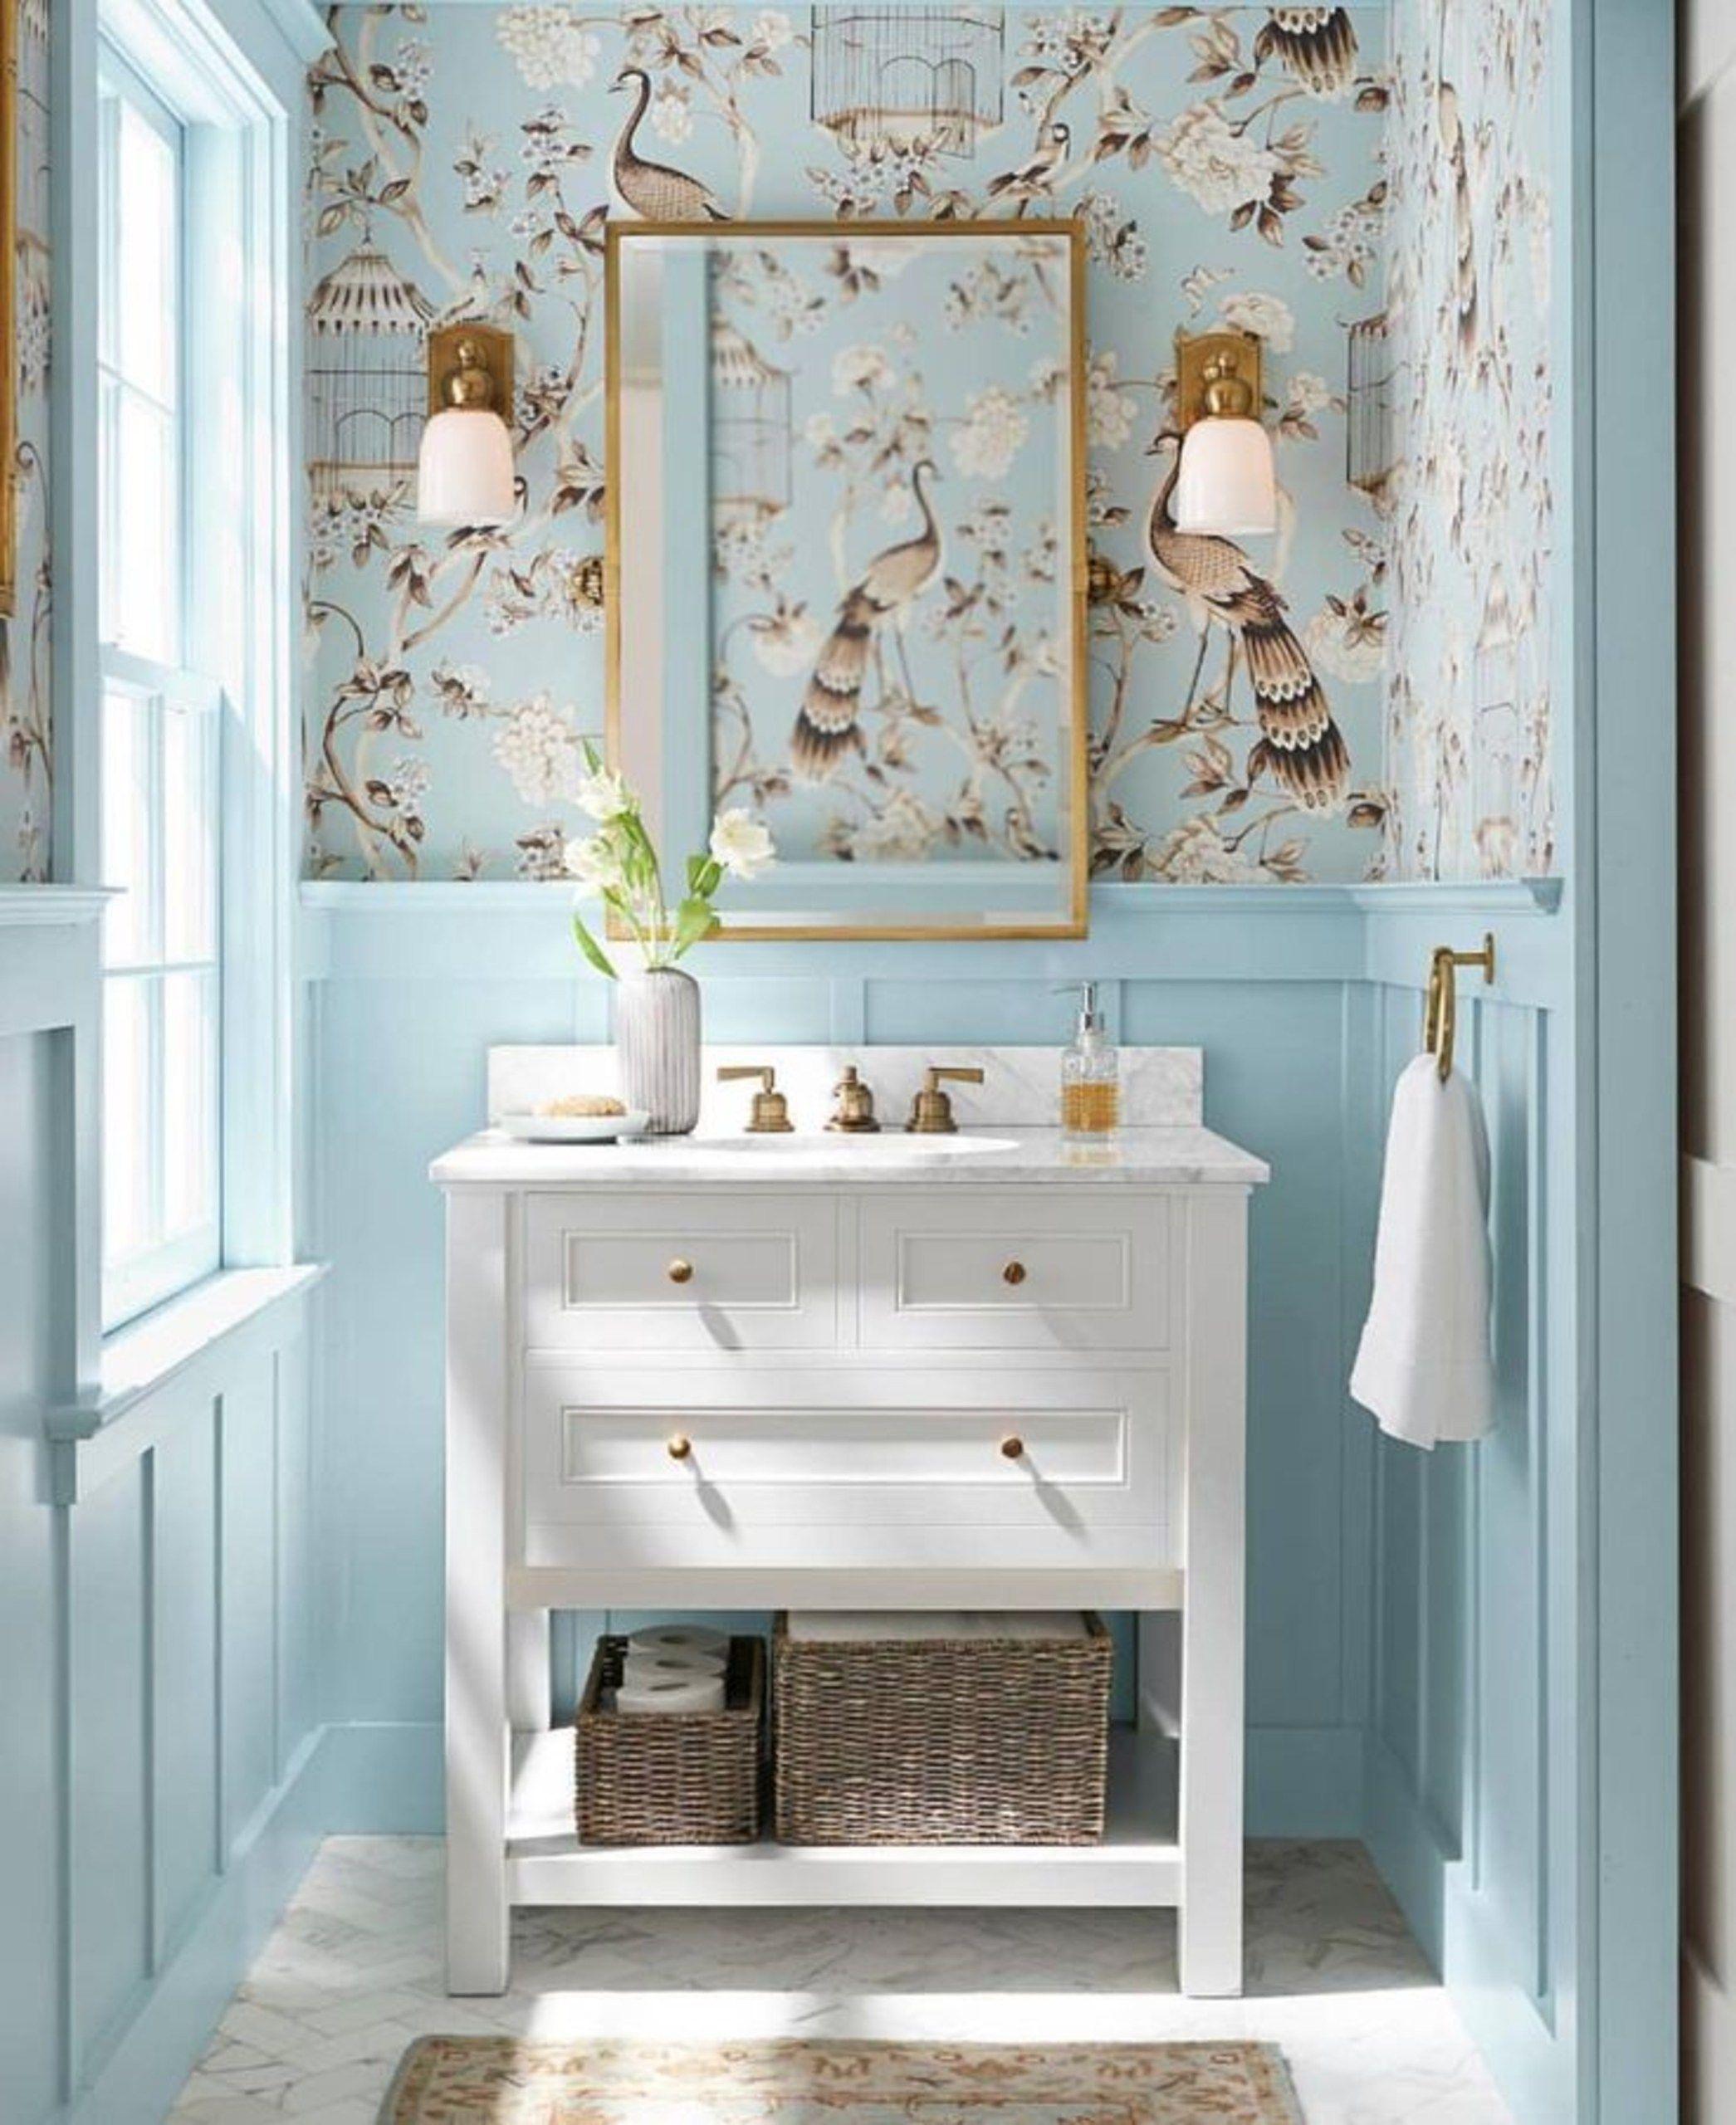 Salondan Banyoya Duvar Kağıdı Önerileri